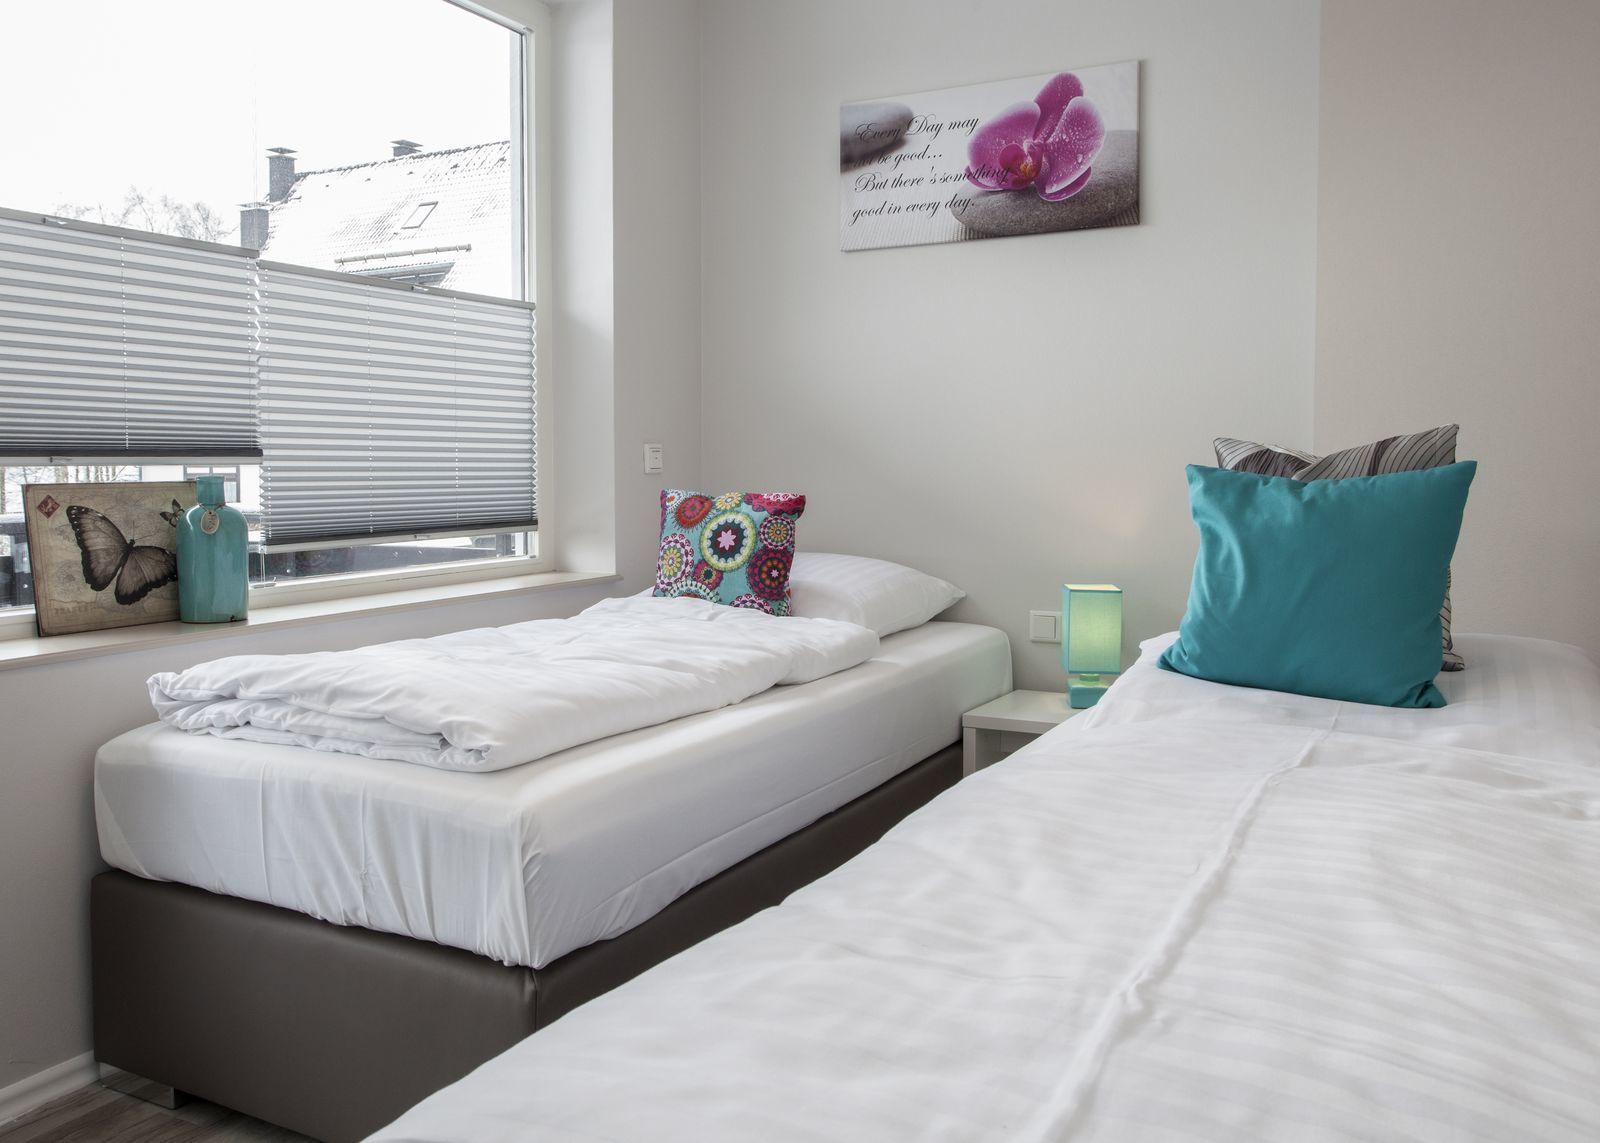 Appartement - Comfort 6 Personen